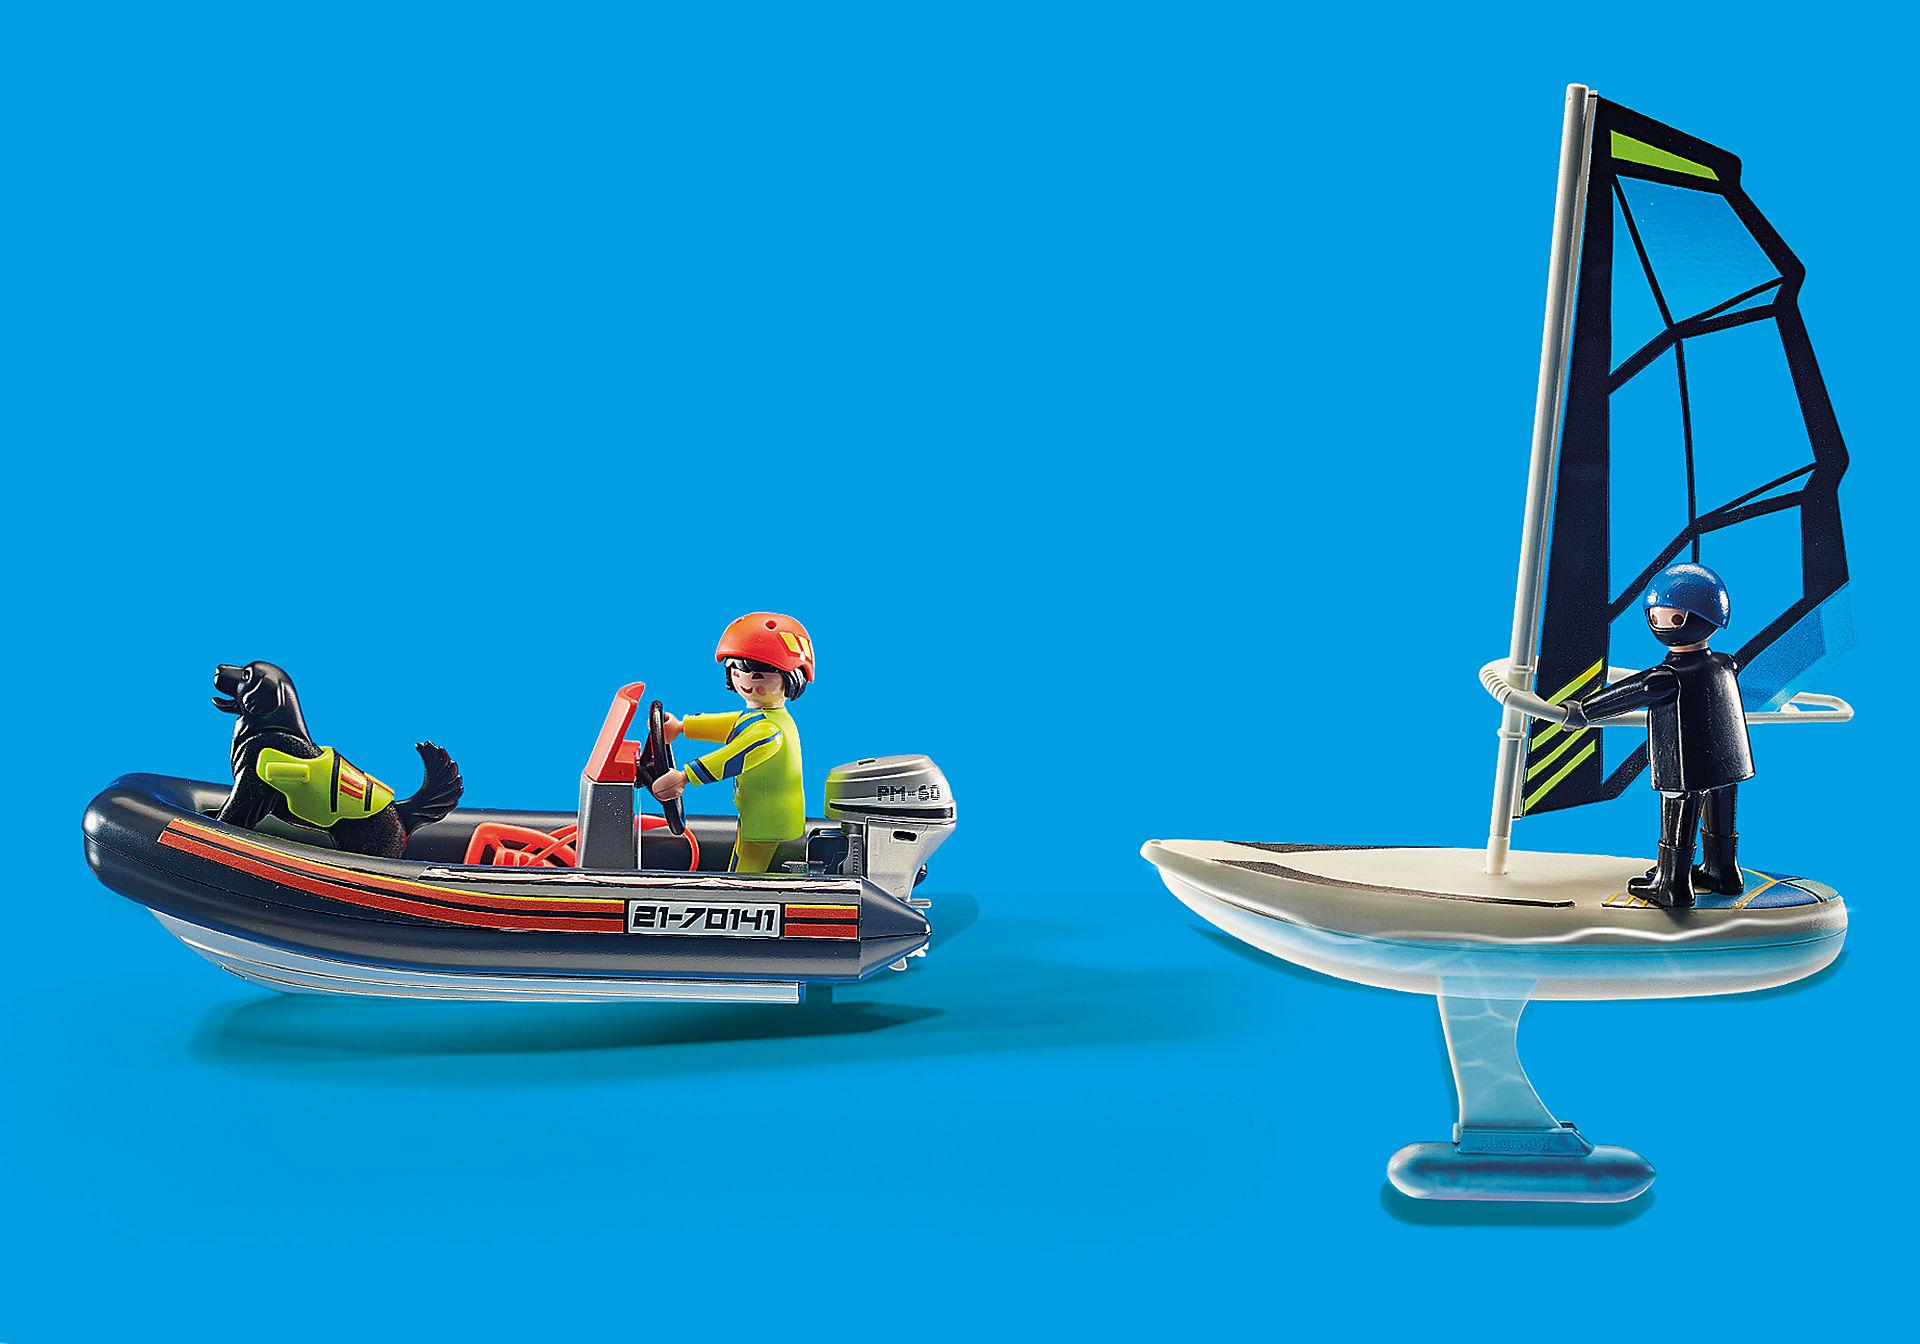 70141 Skibsredning: Polarsejler-redning med gummibåd zoom image6